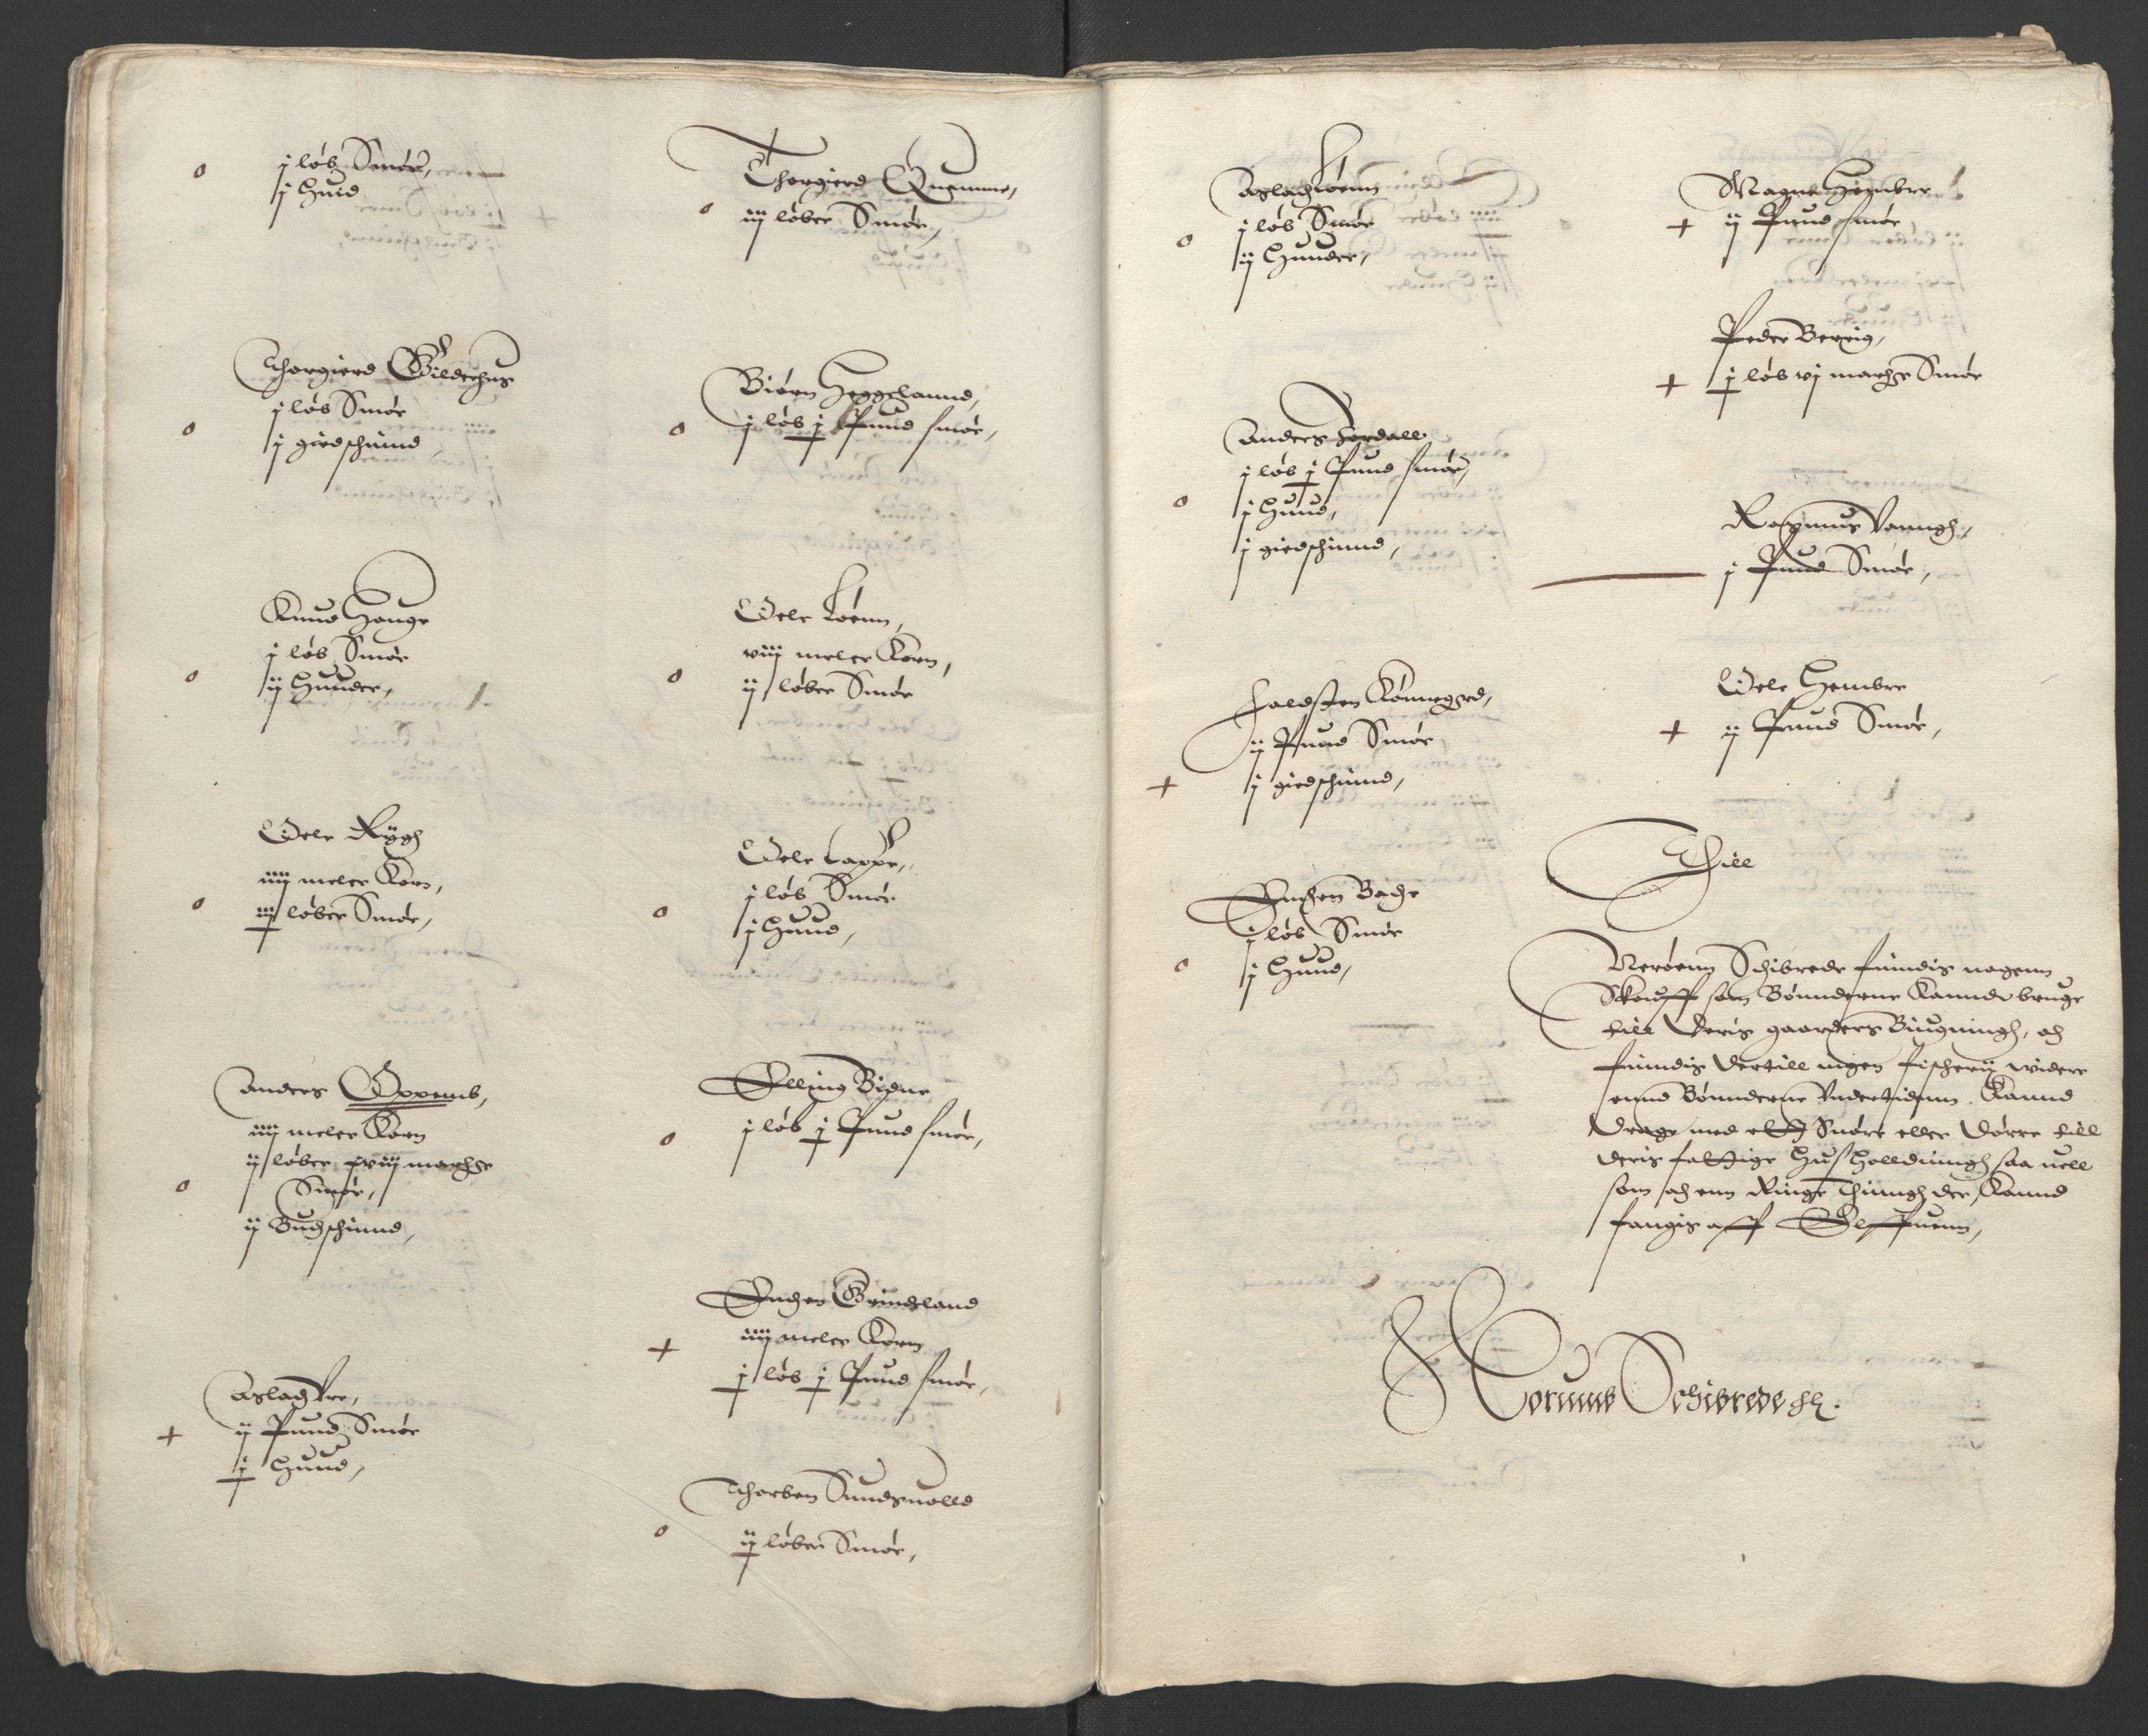 RA, Stattholderembetet 1572-1771, Ek/L0004: Jordebøker til utlikning av garnisonsskatt 1624-1626:, 1626, s. 198